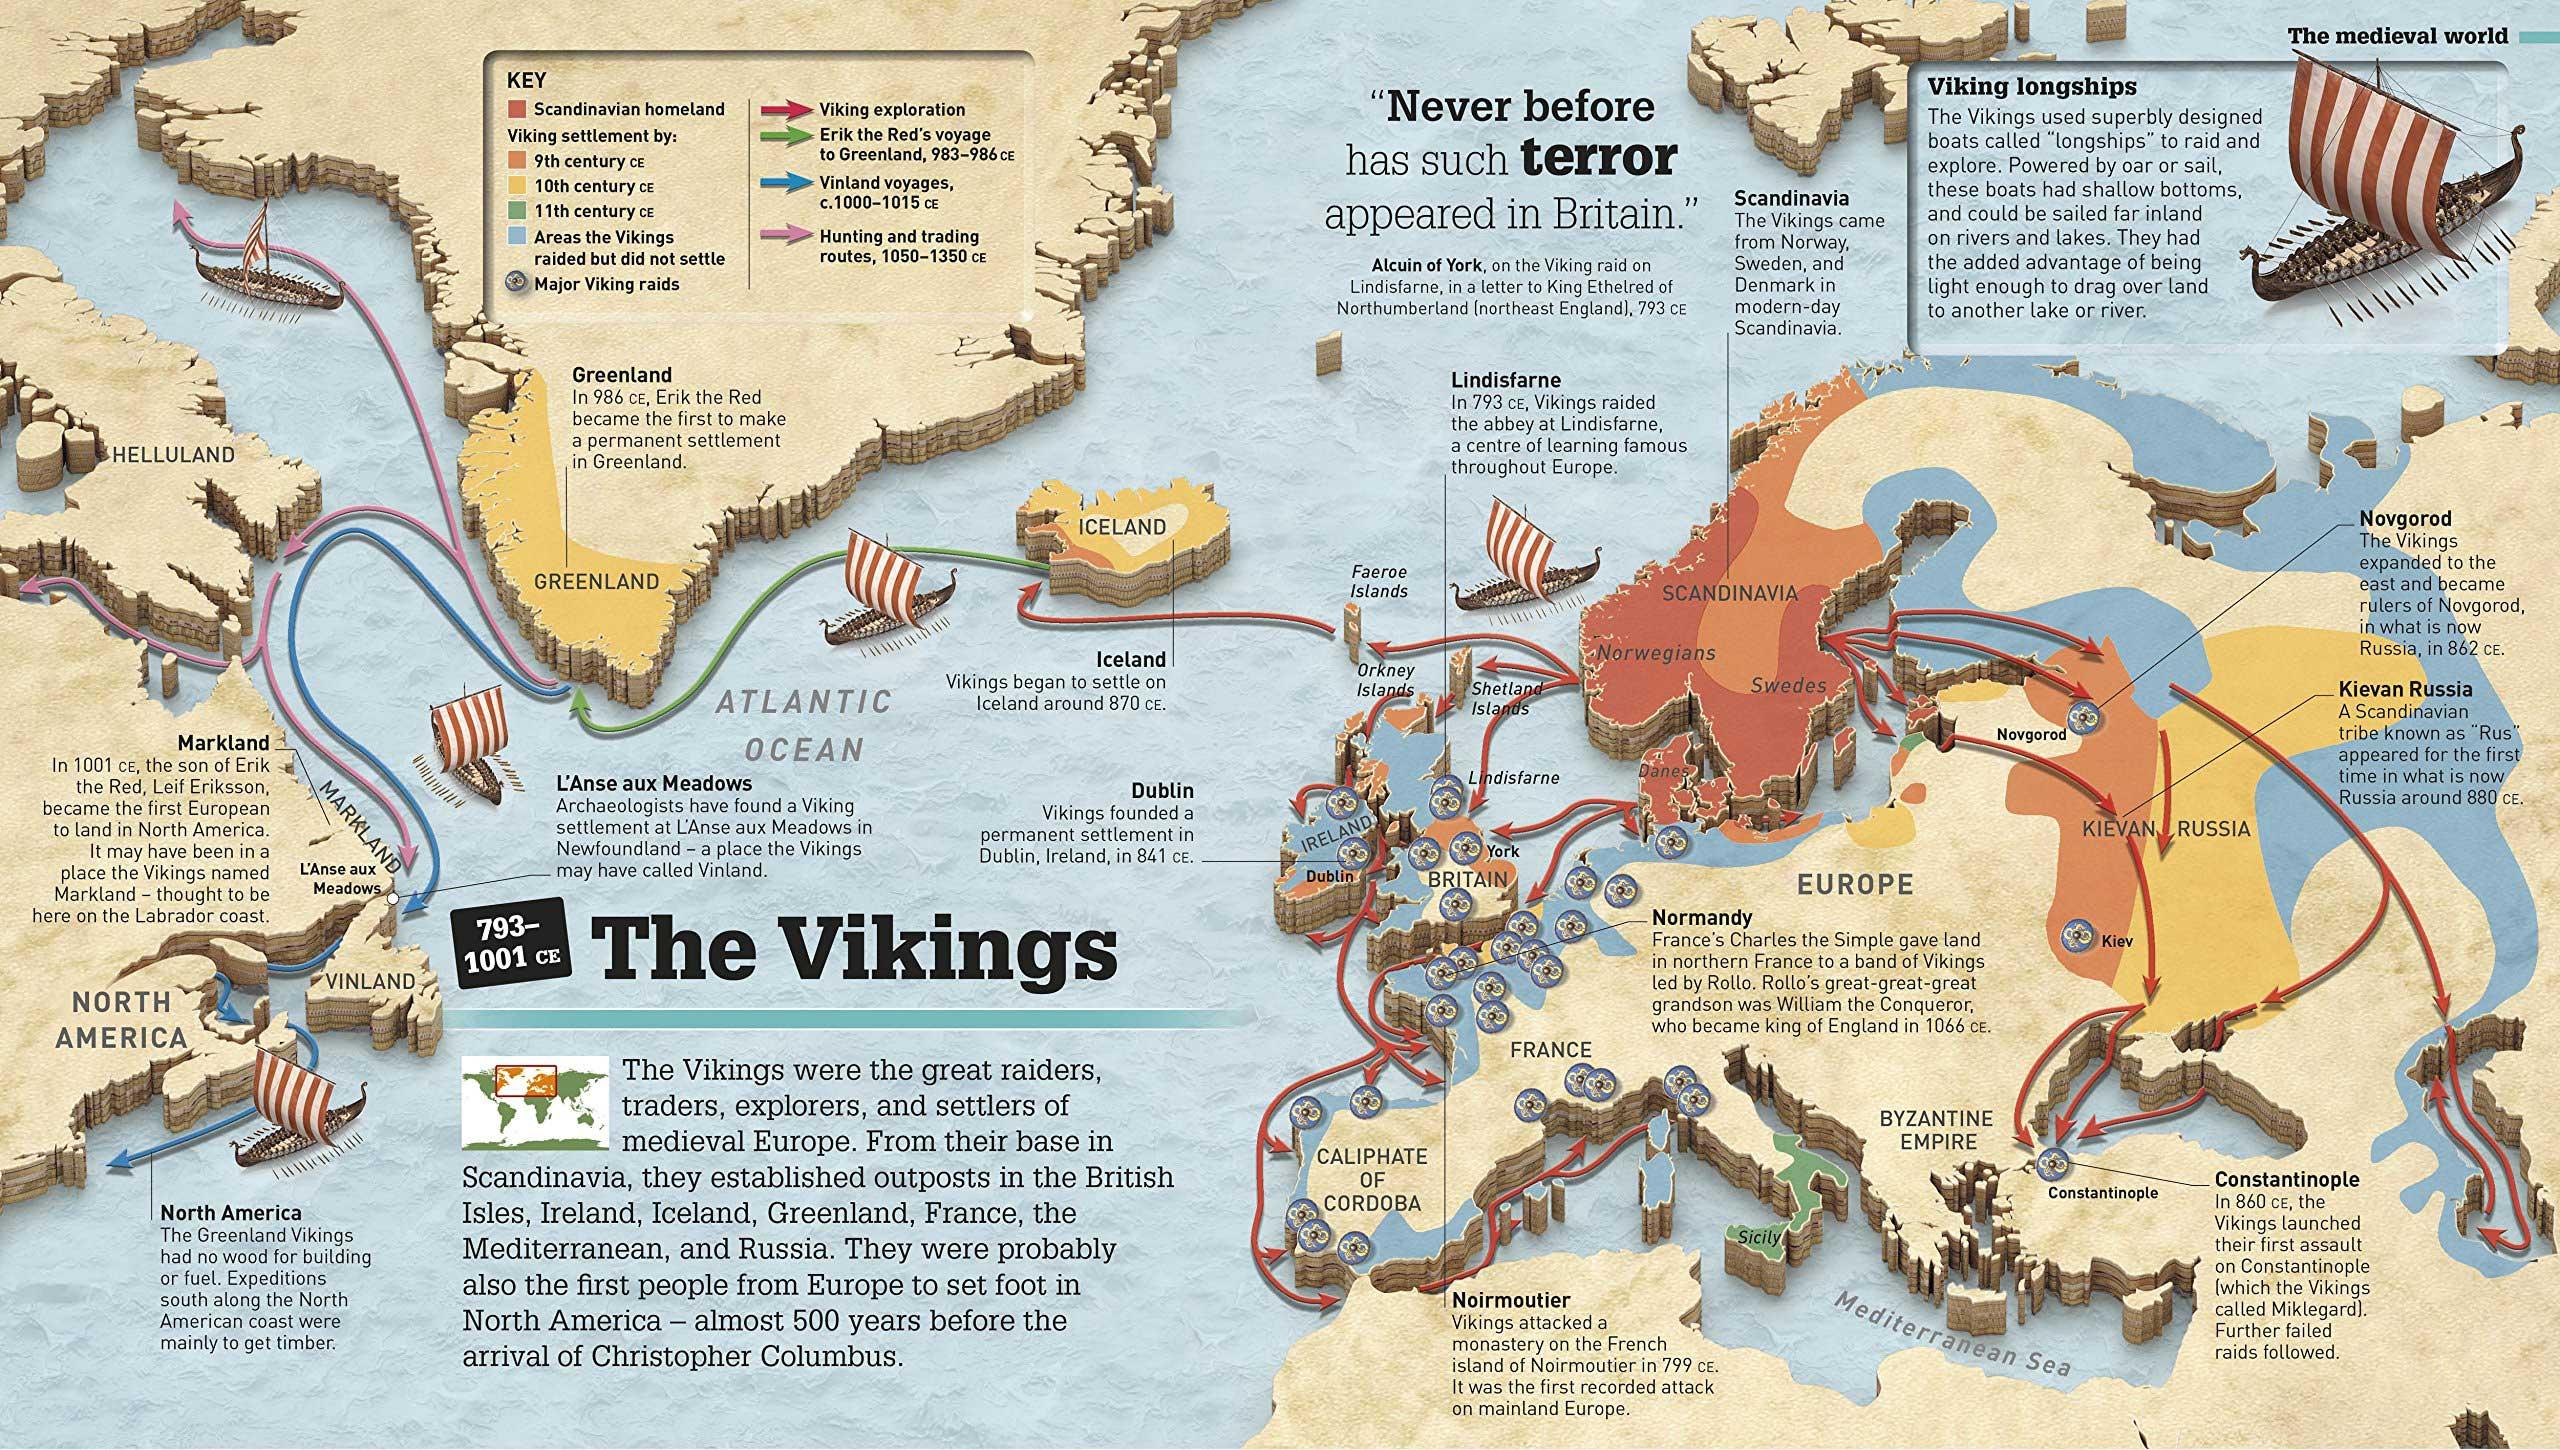 Mapa de expediciones vikingas